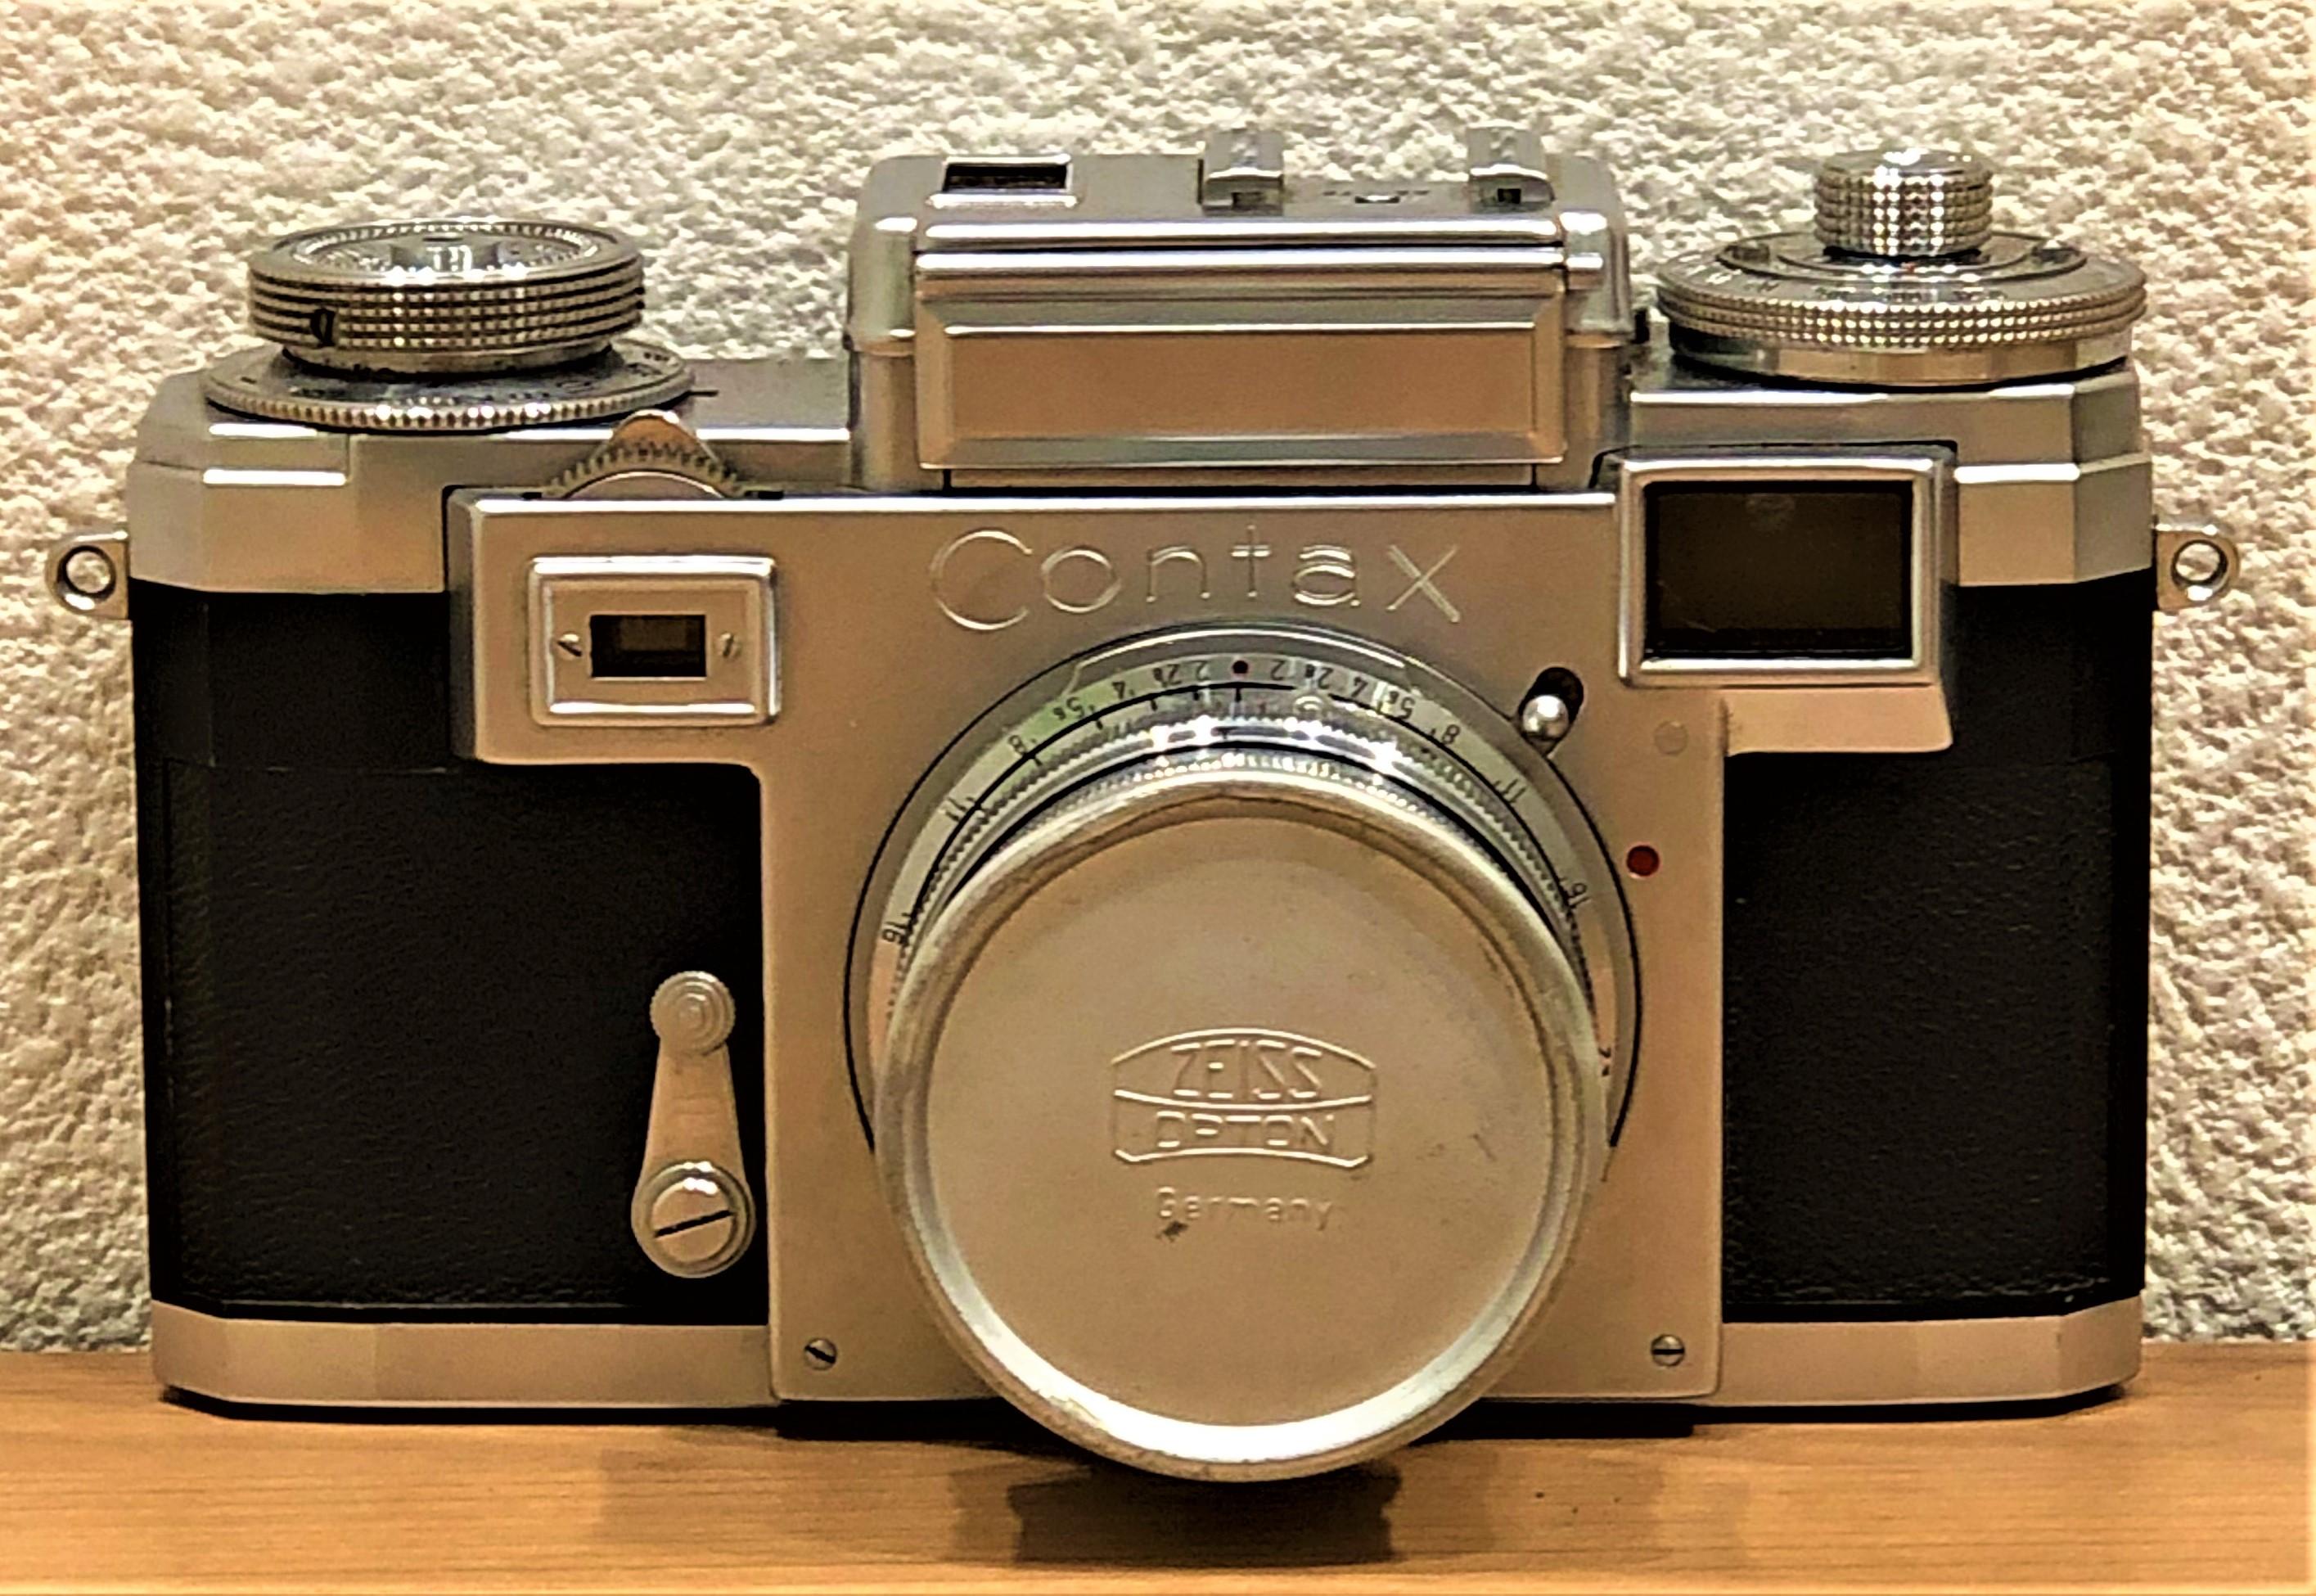 【CONTAX/コンタックス】ZEISS IKONツァイスイコン IIIa カラーダイヤル 一眼レフフィルムカメラ